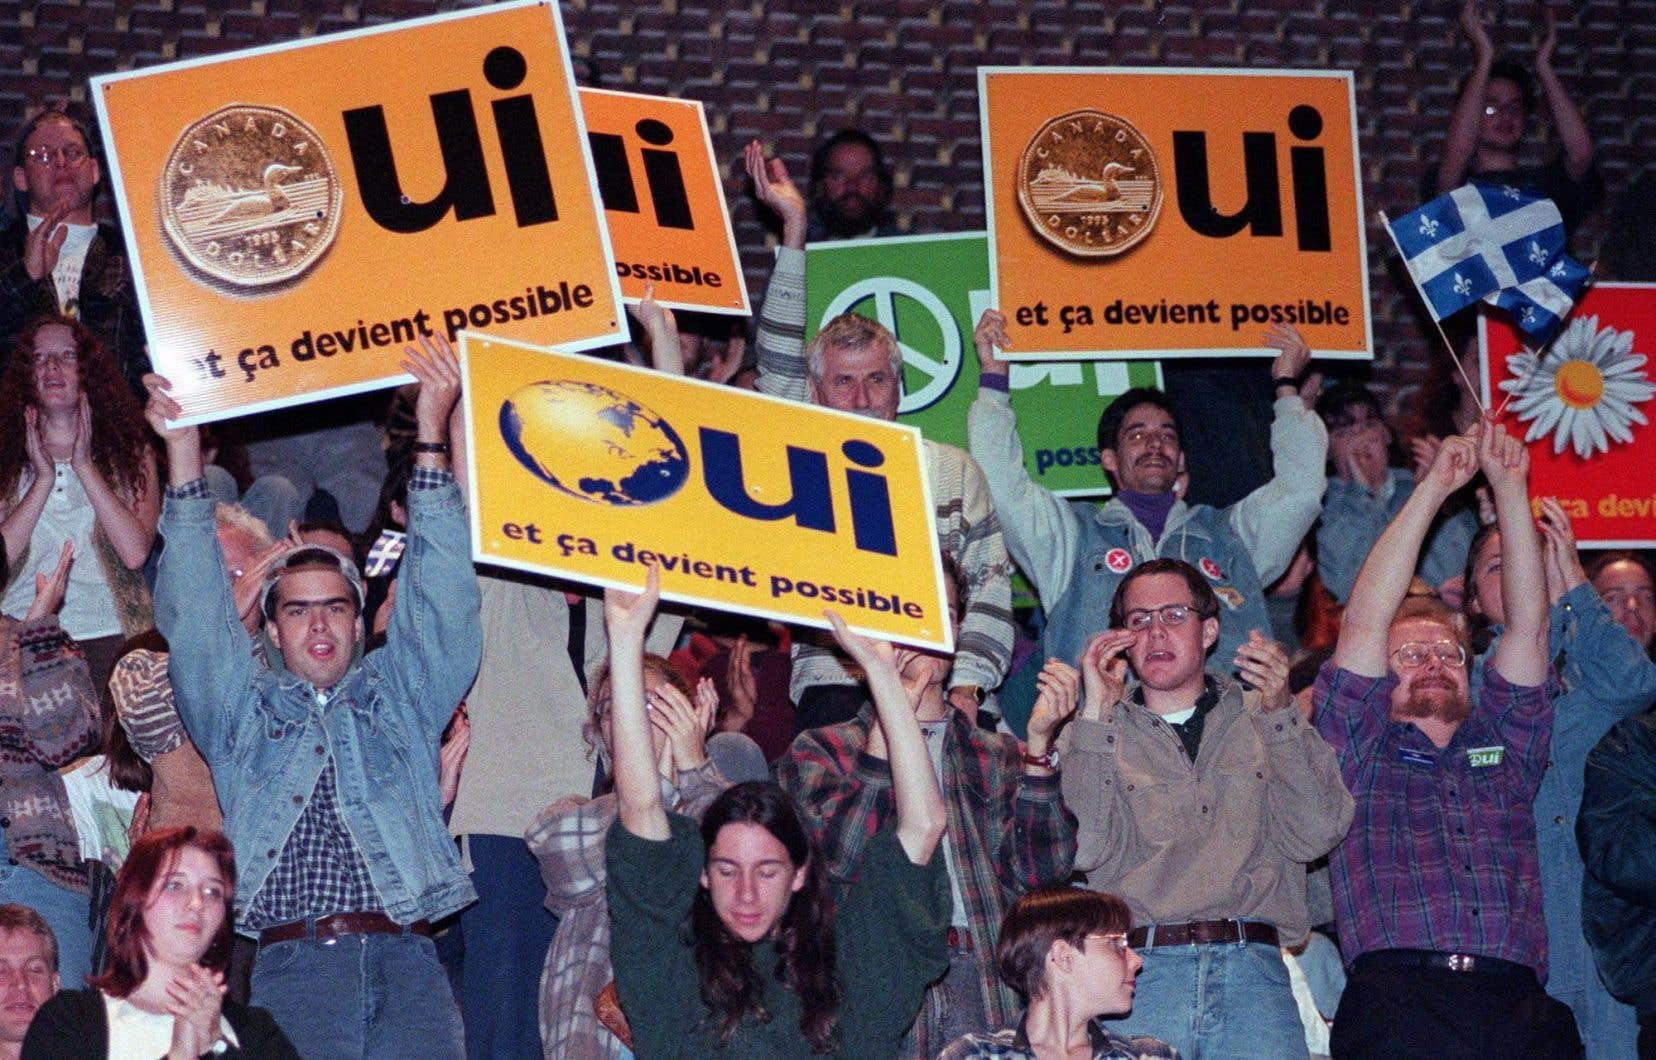 Le référendum de 1995 est l'une des dernières grandes péripéties politiques ayant affecté la nation québécoise.